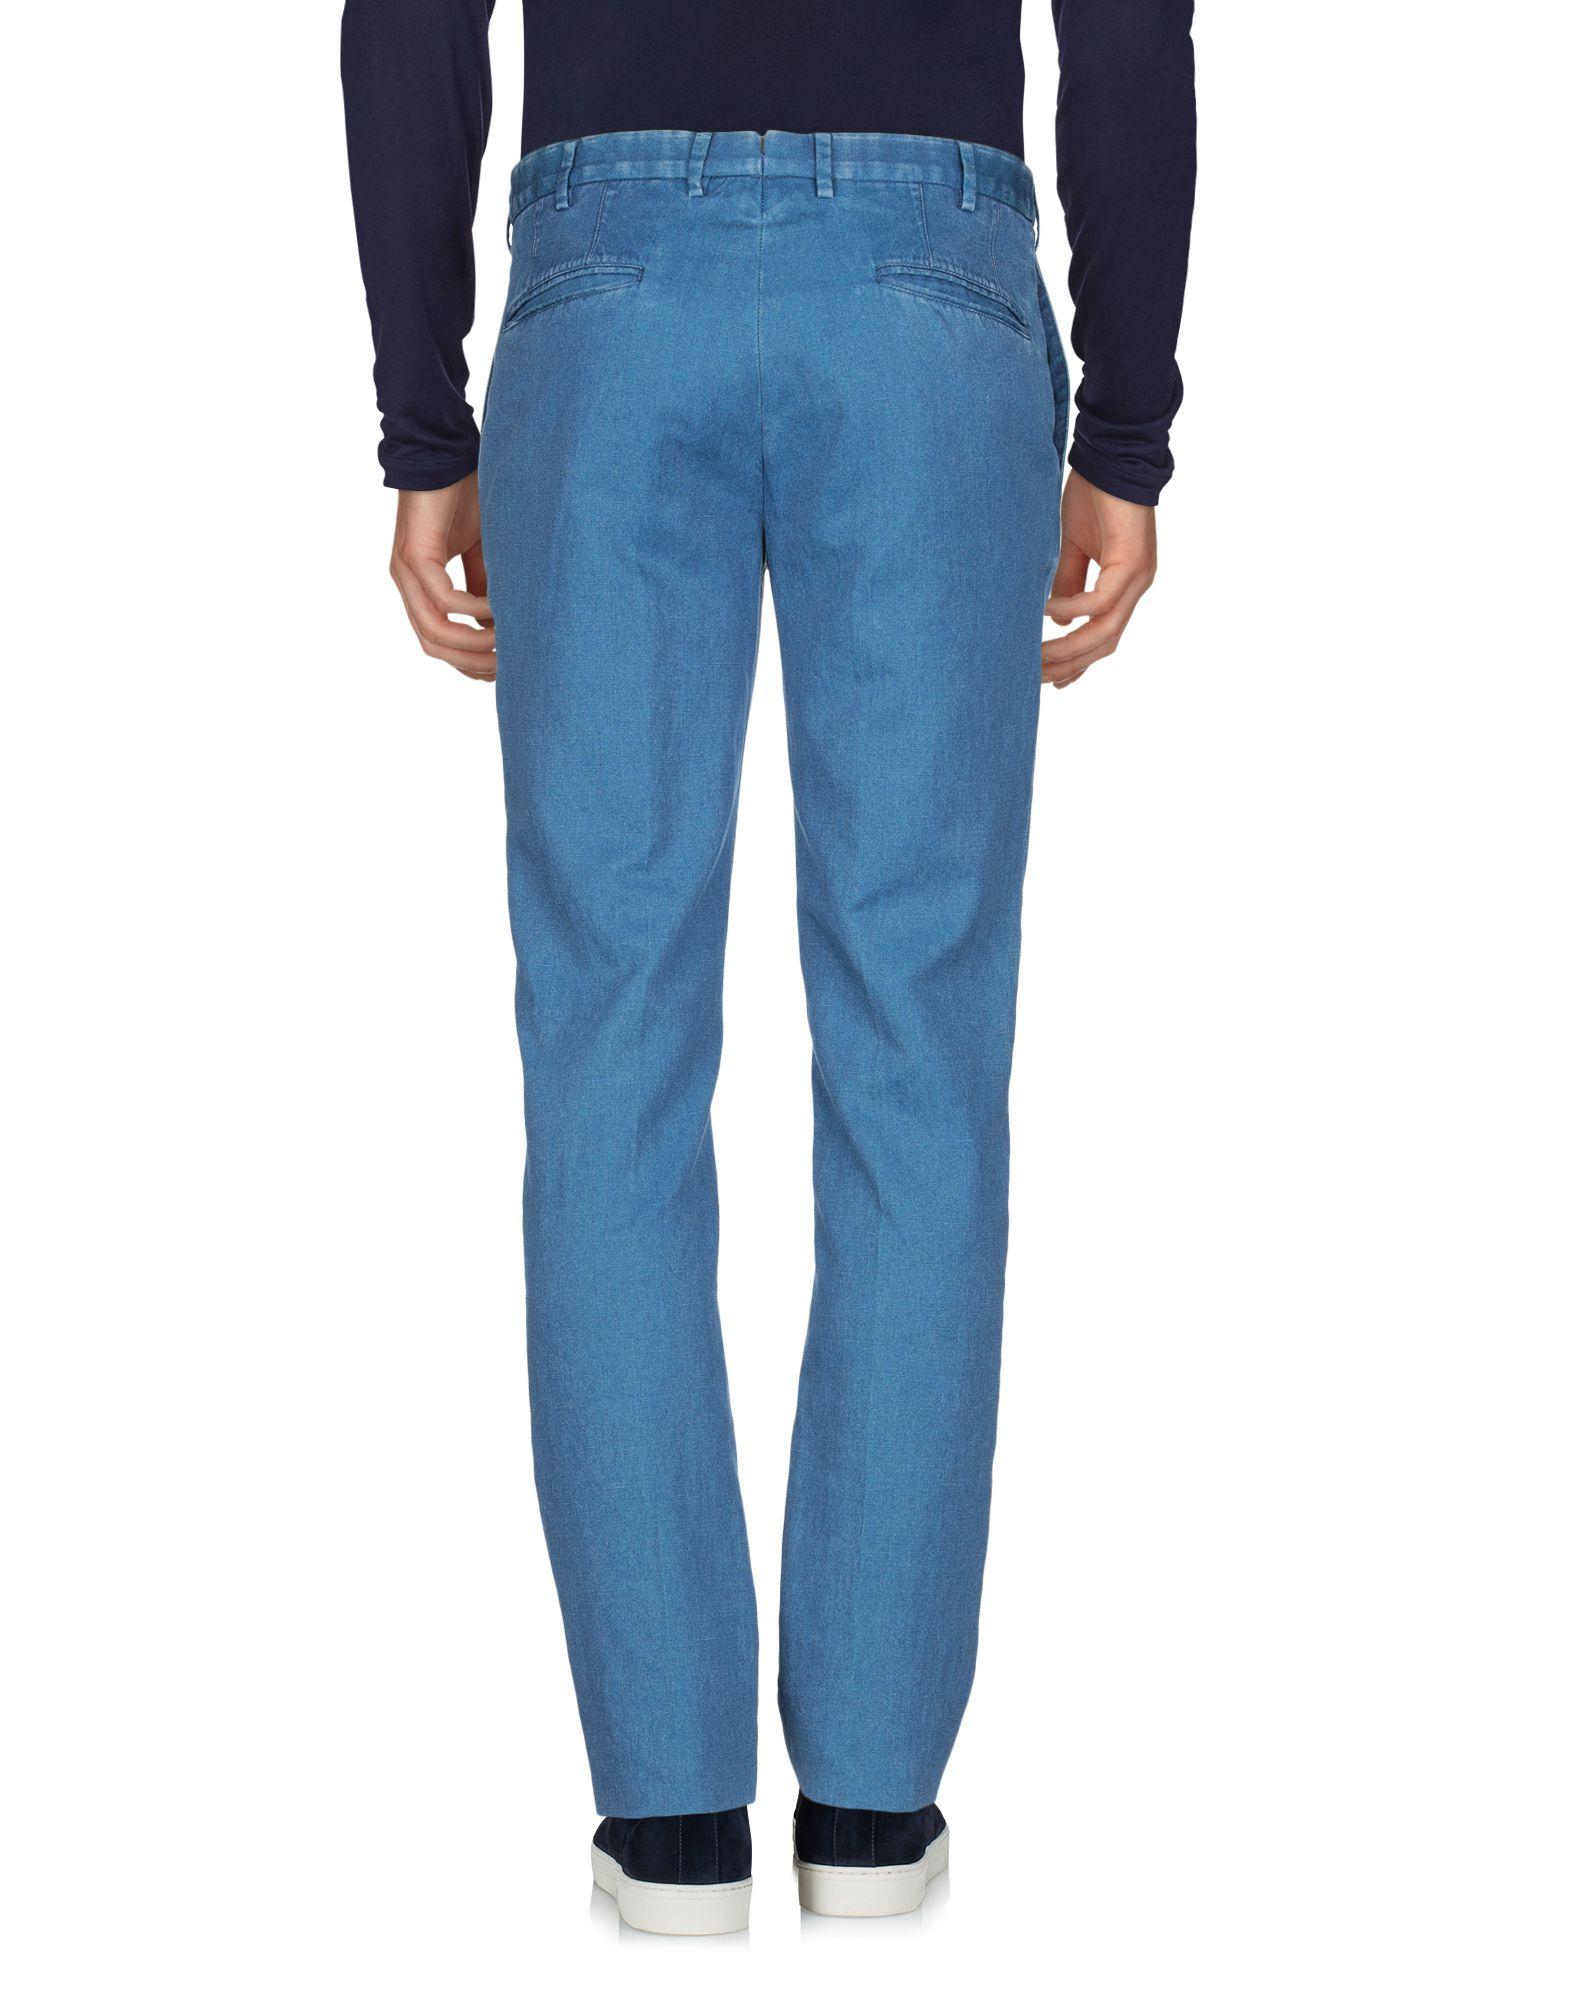 Pantaloni Jeans Incotex - Uomo - Incotex 42683454BM 09492c